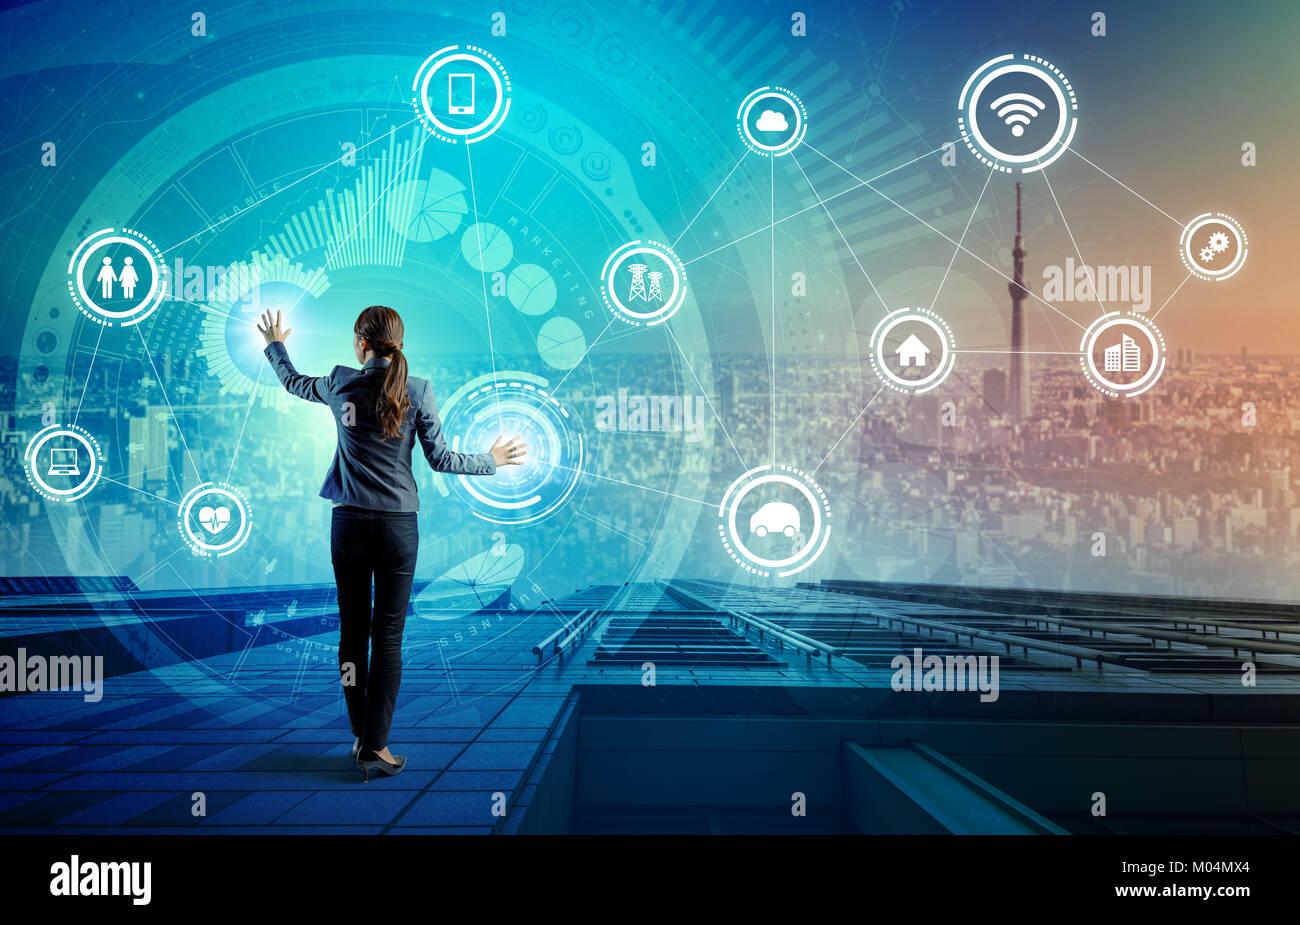 Internet des Objets (IoT) concept. Fintech(Financial Technology). Les TIC (technologies de l'information et des communications). Ville intelligente. Transport numérique m mixte. Banque D'Images